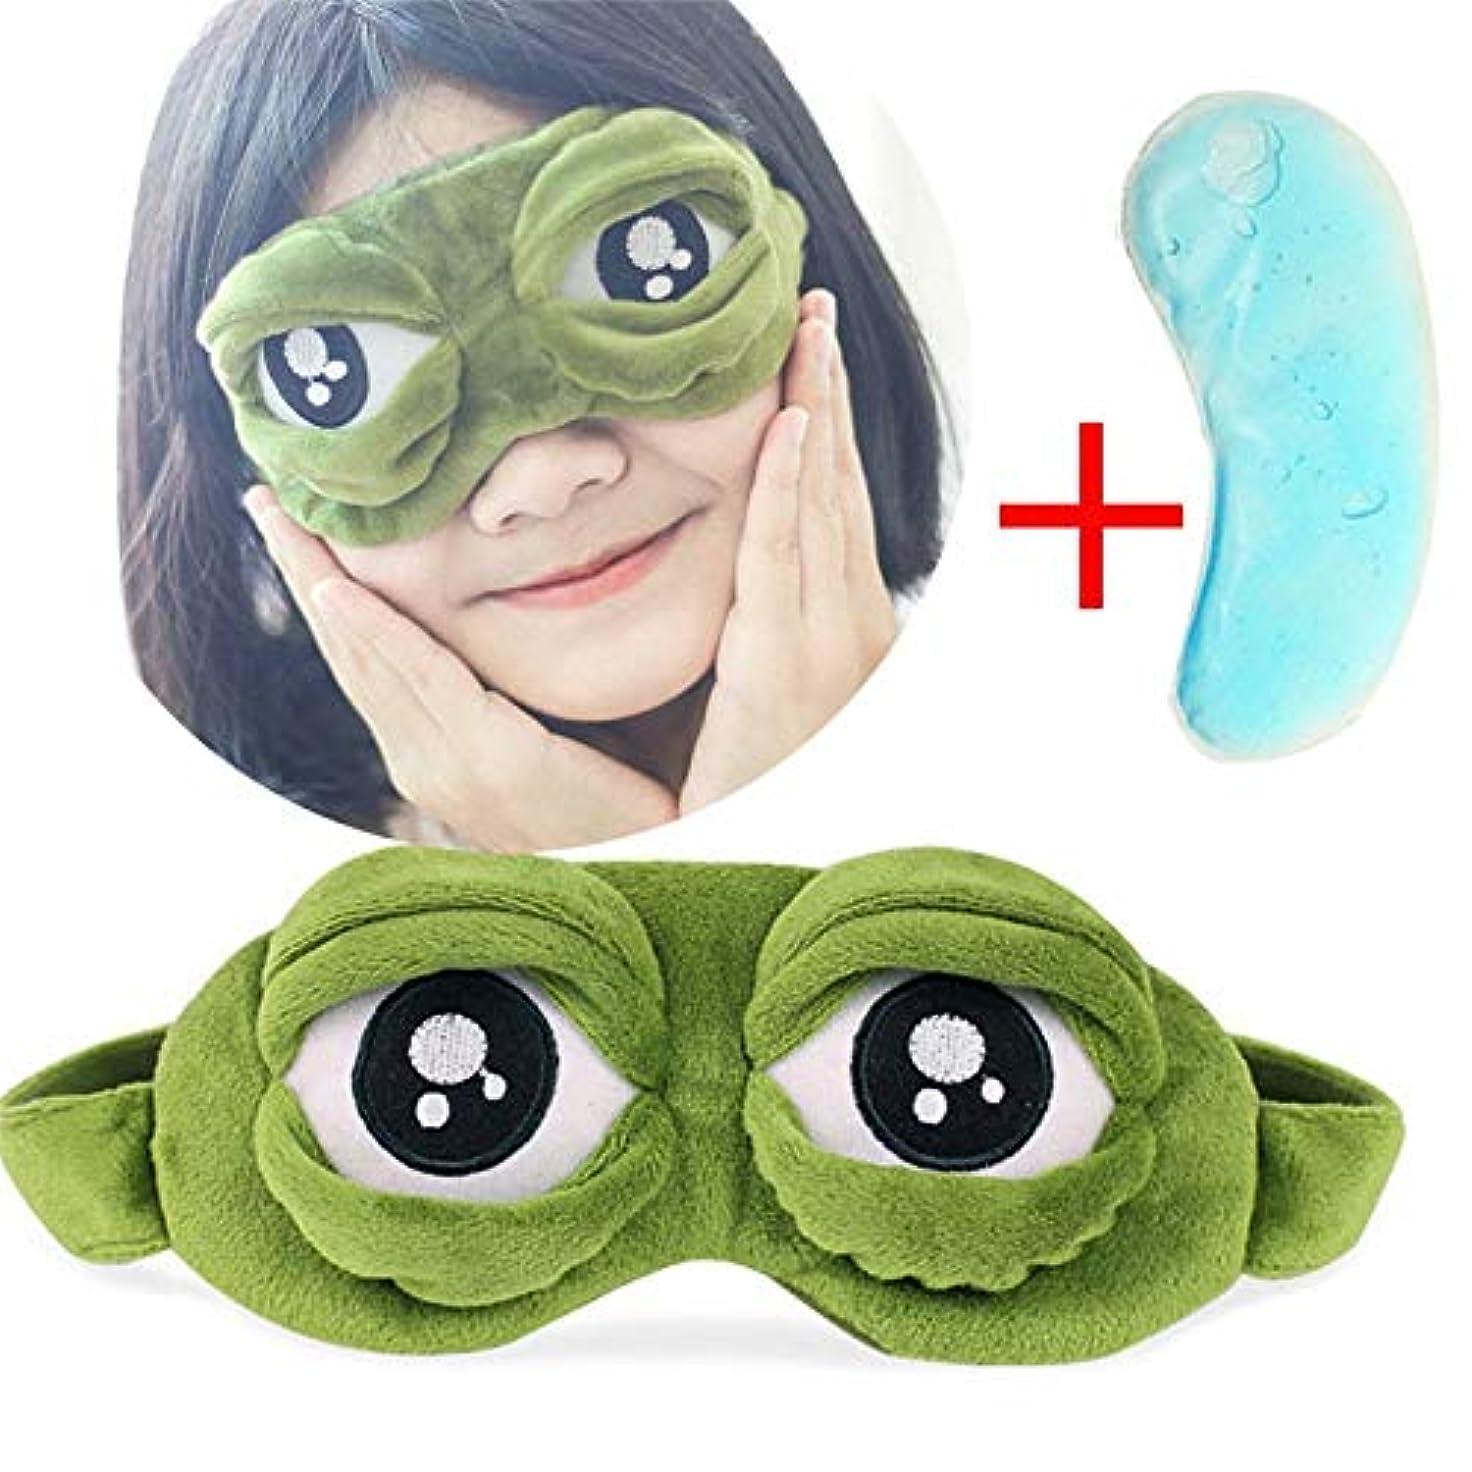 以上ビスケットスチール注1ピースかわいいカエルの目カバー3dアイマスクカバー睡眠休み睡眠アニメ面白いギフト付きアイスバッグ2u0825